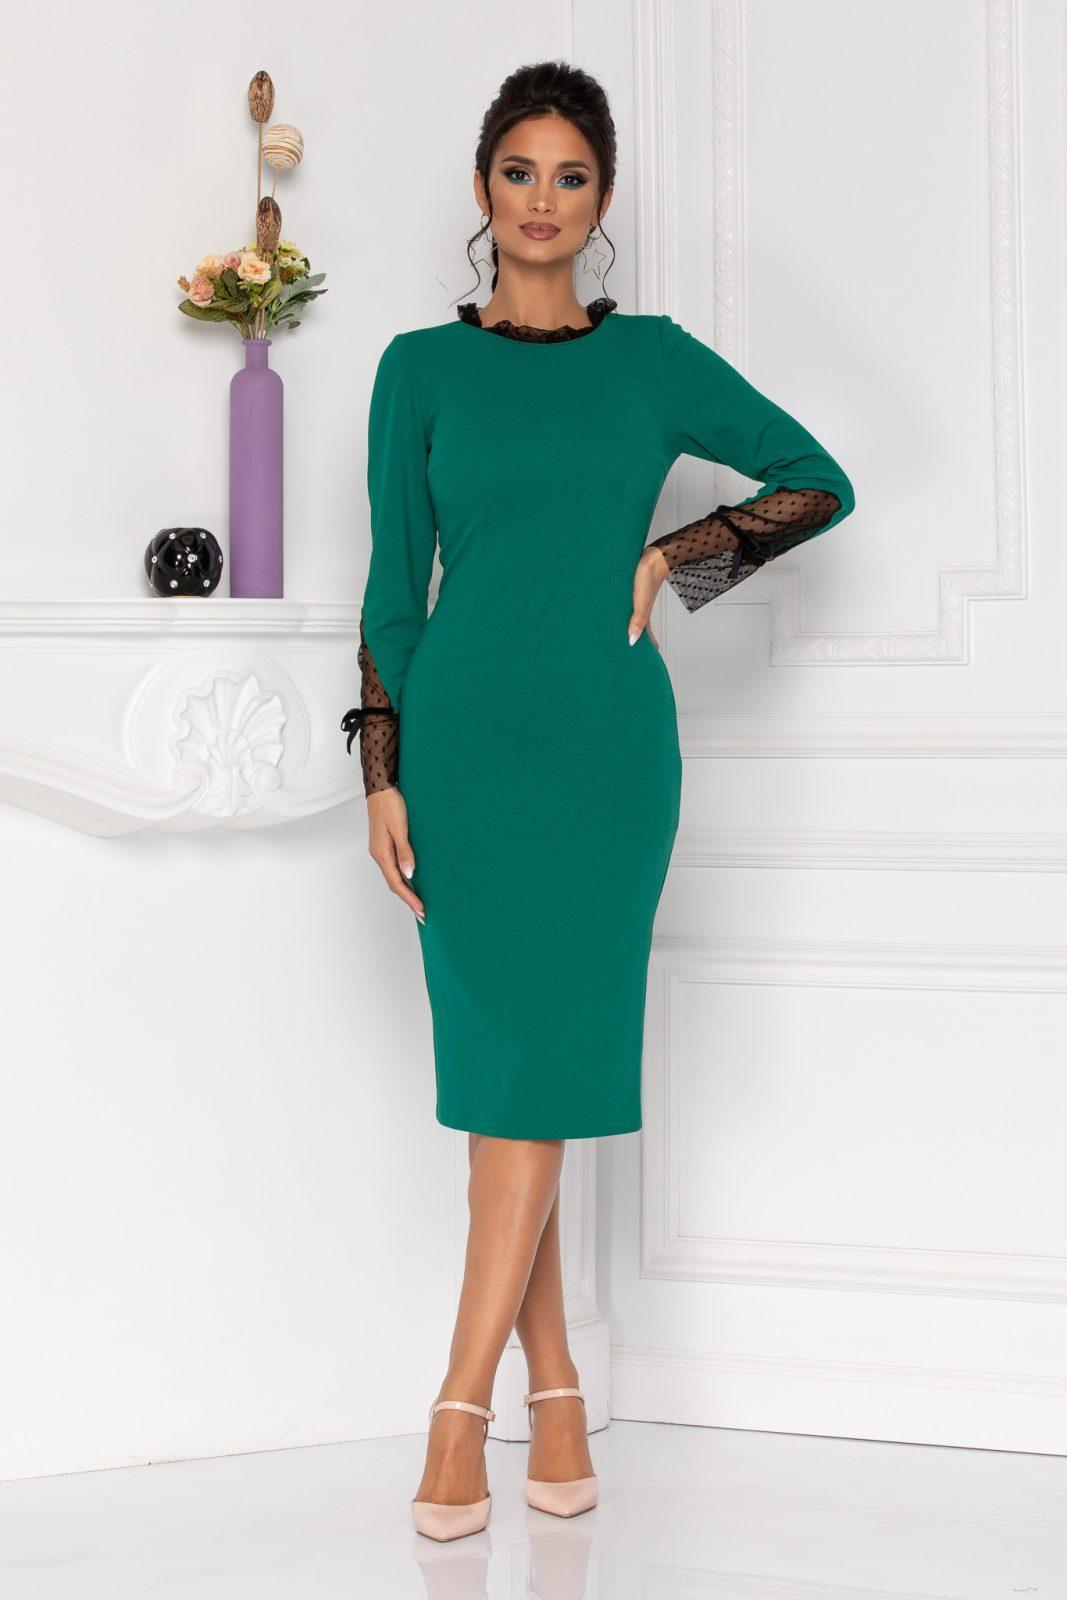 Μίντι Πράσινο Φόρεμα Με Μακρύ Μανίκι Moze Dalia 8433